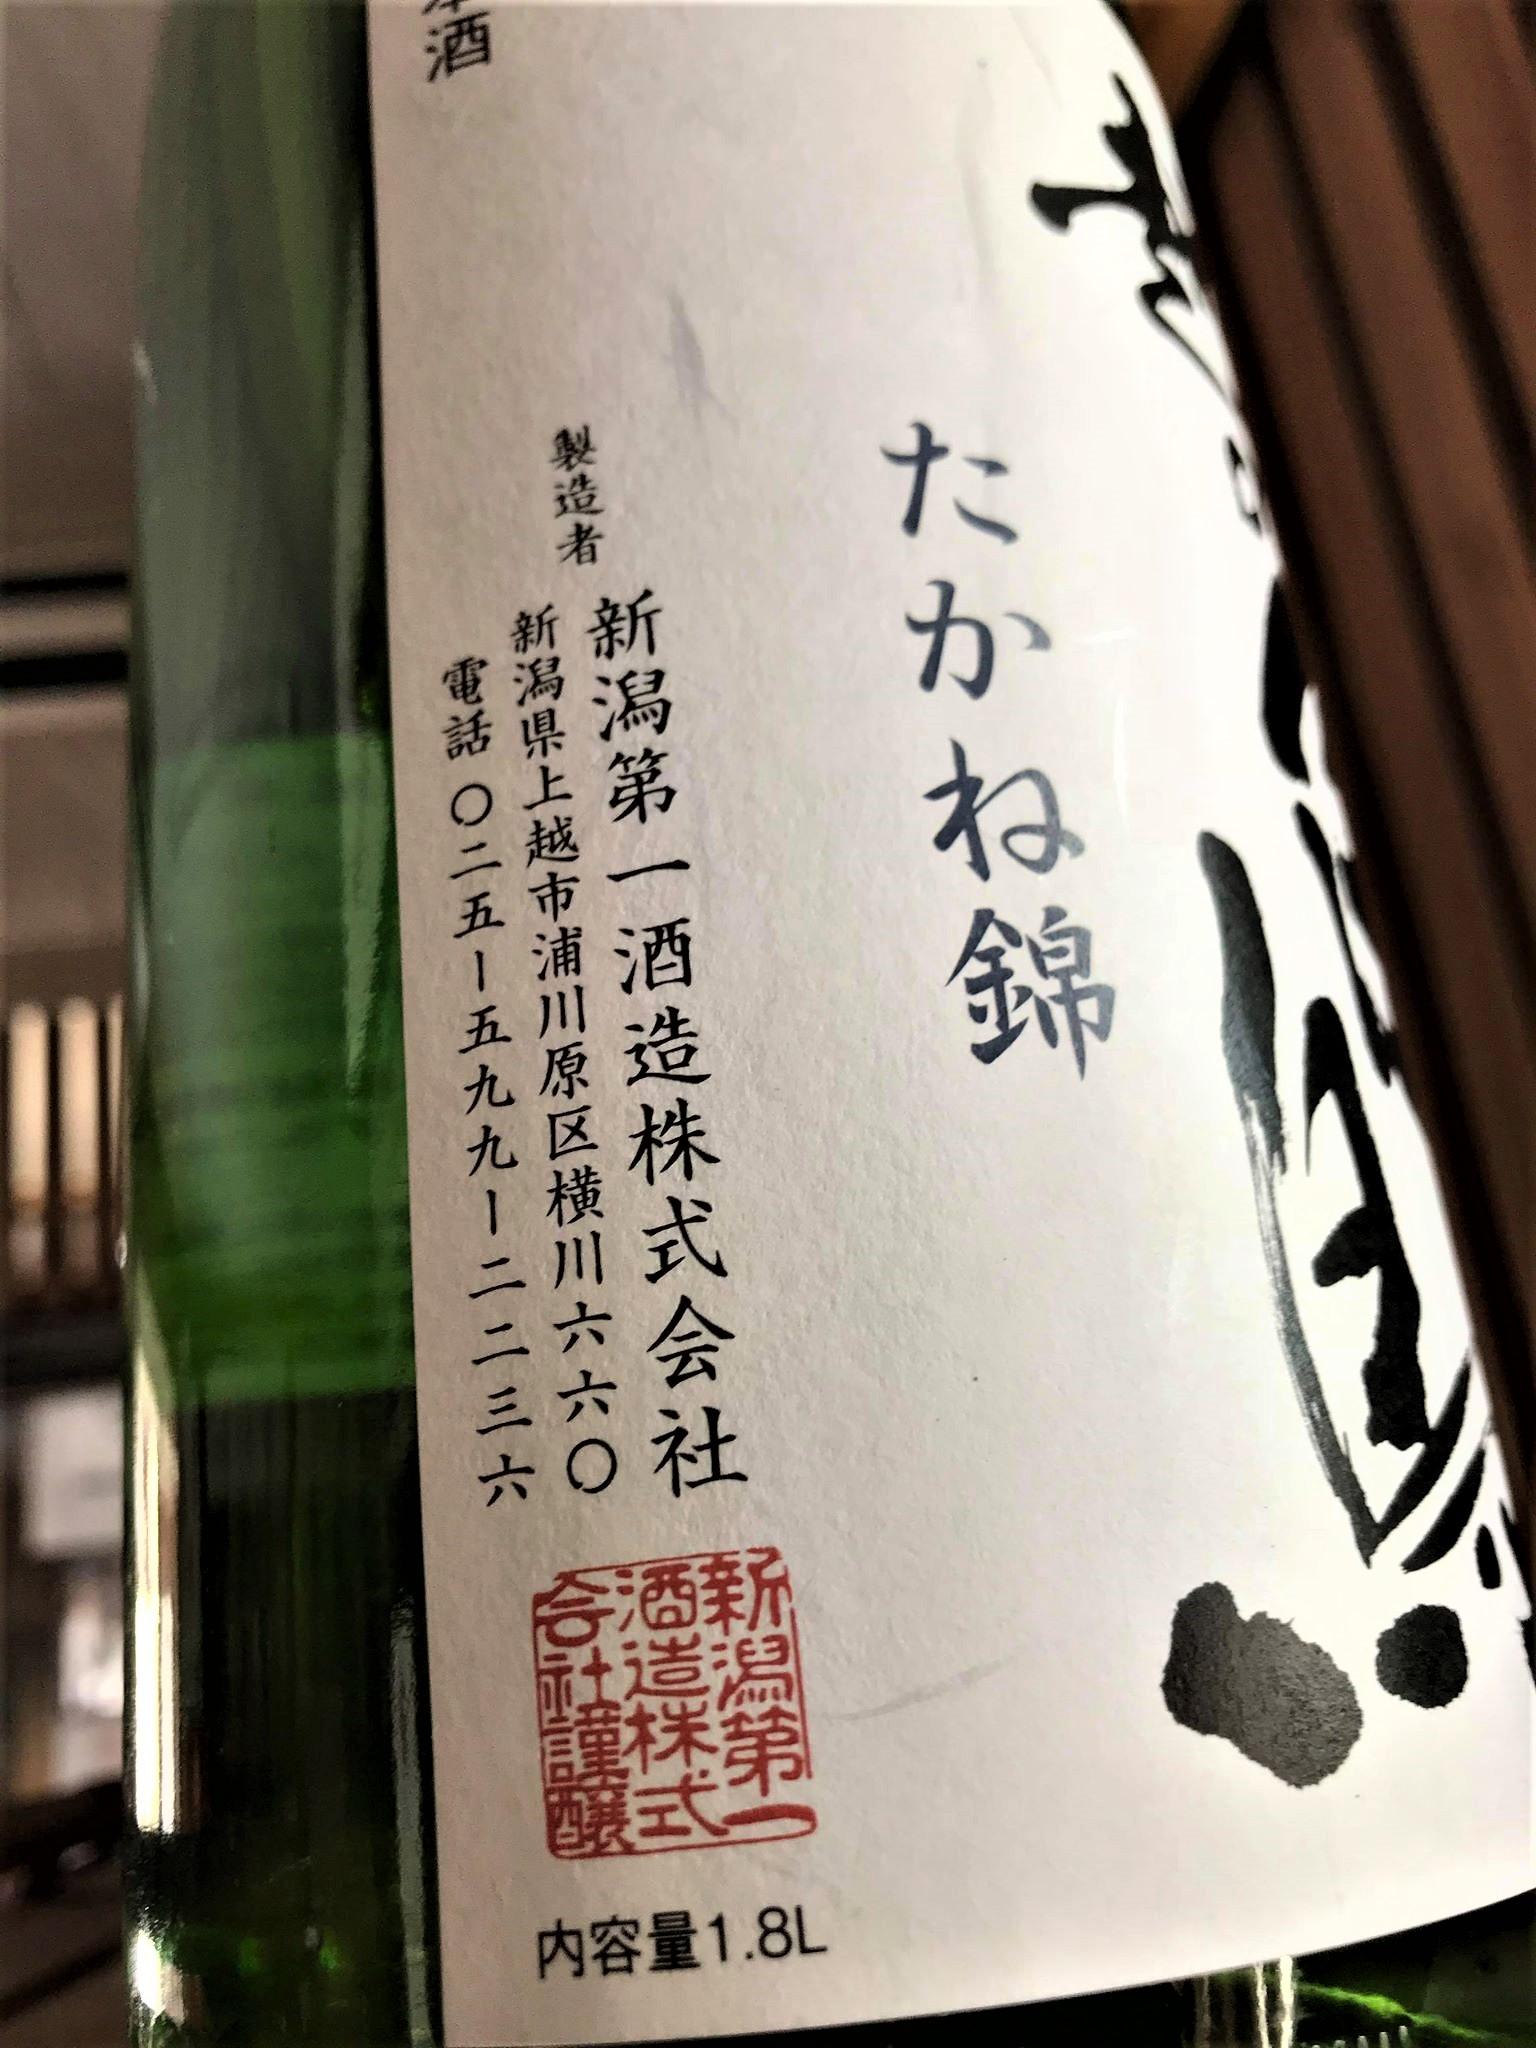 【日本酒】越の白鳥『仕込み8号』純米吟醸 無濾過生原酒 たかね錦55磨き 特別限定蔵出し 令和1BY🆕_e0173738_12301285.jpg